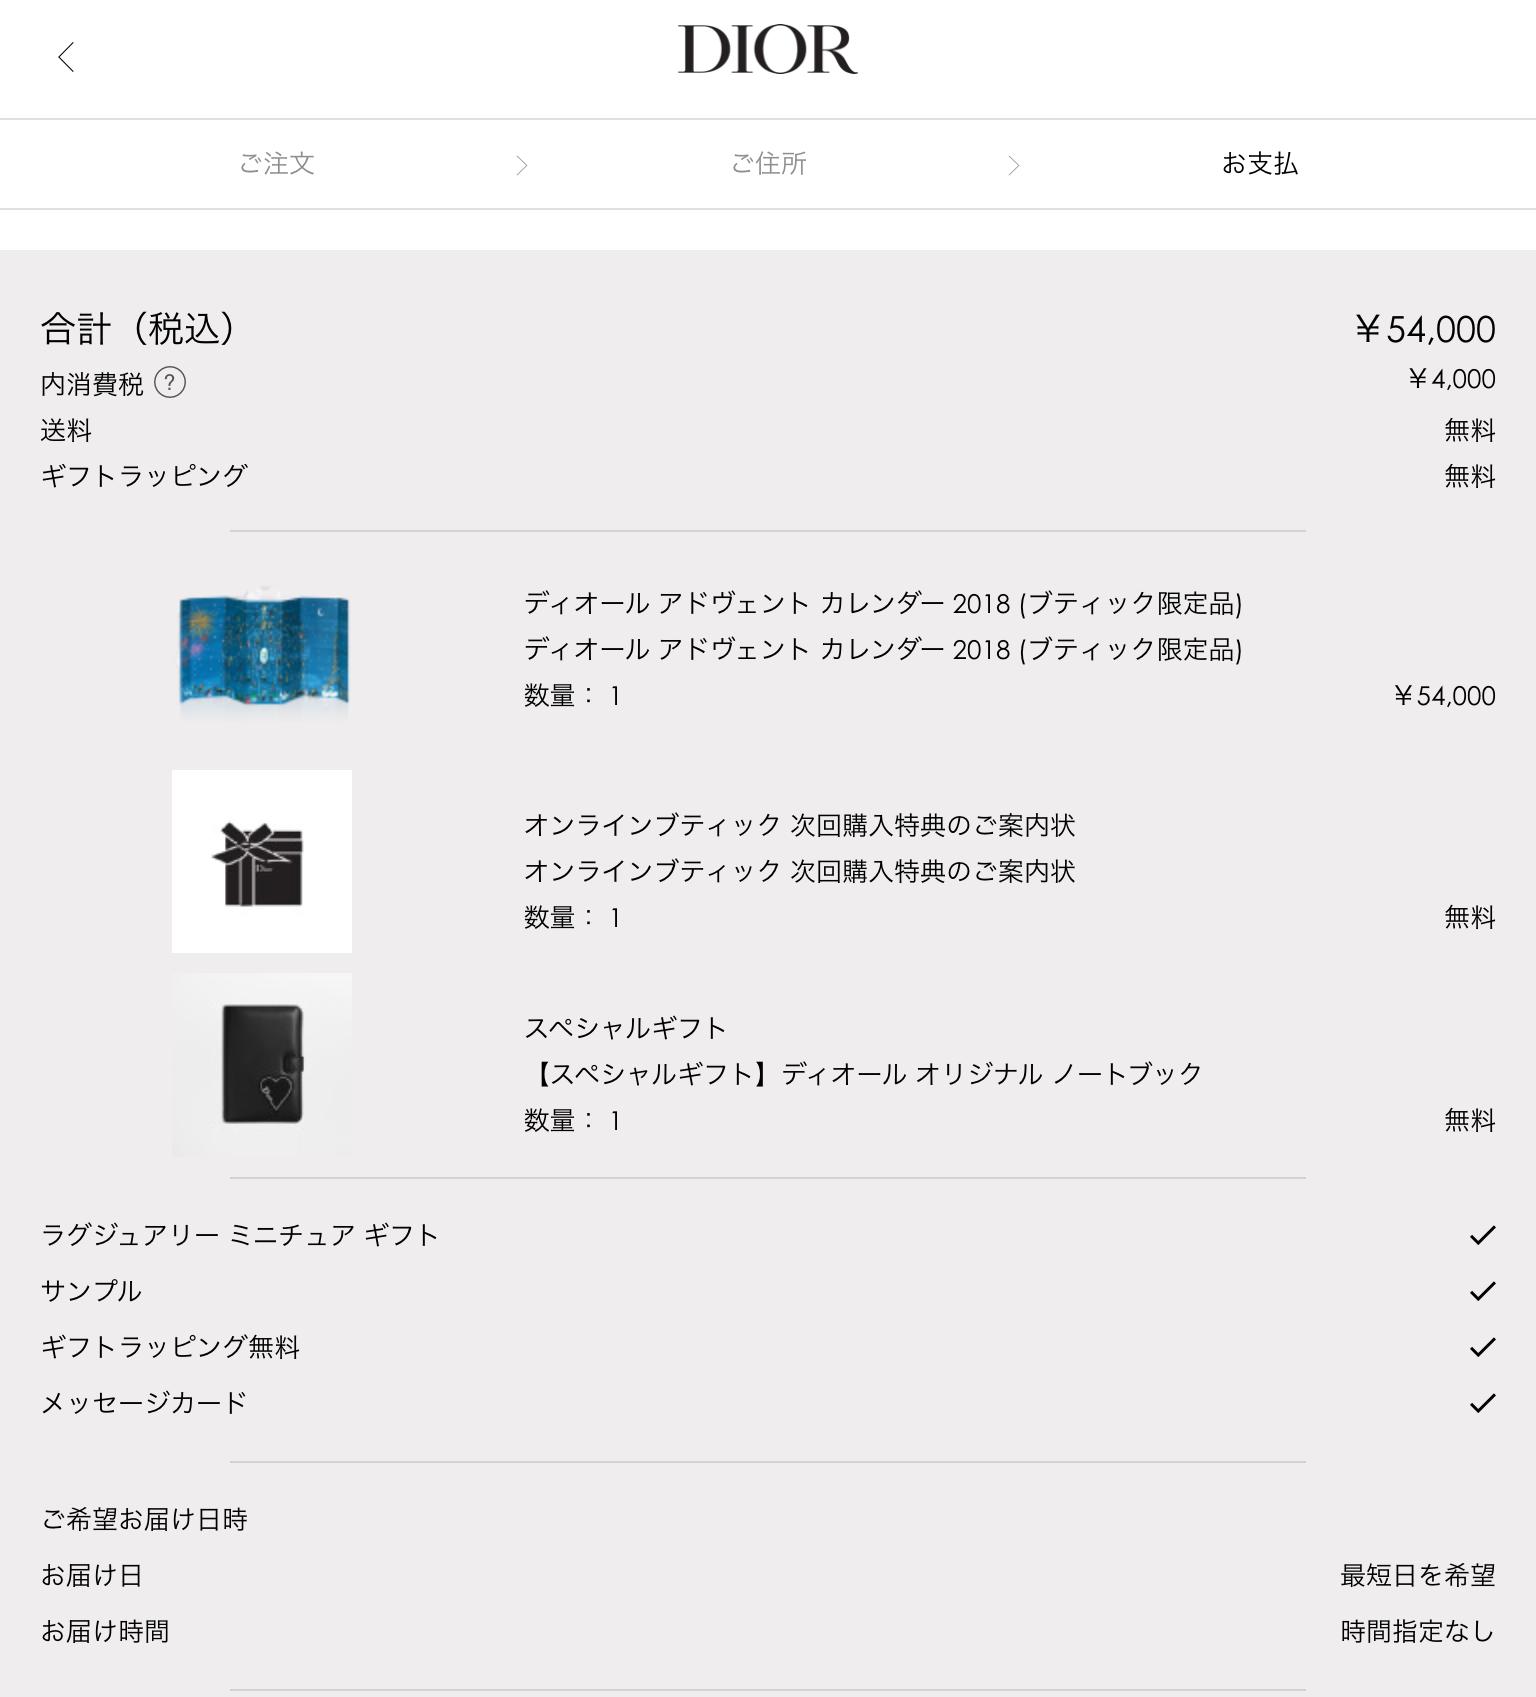 Dior オンラインブティック 注文画面